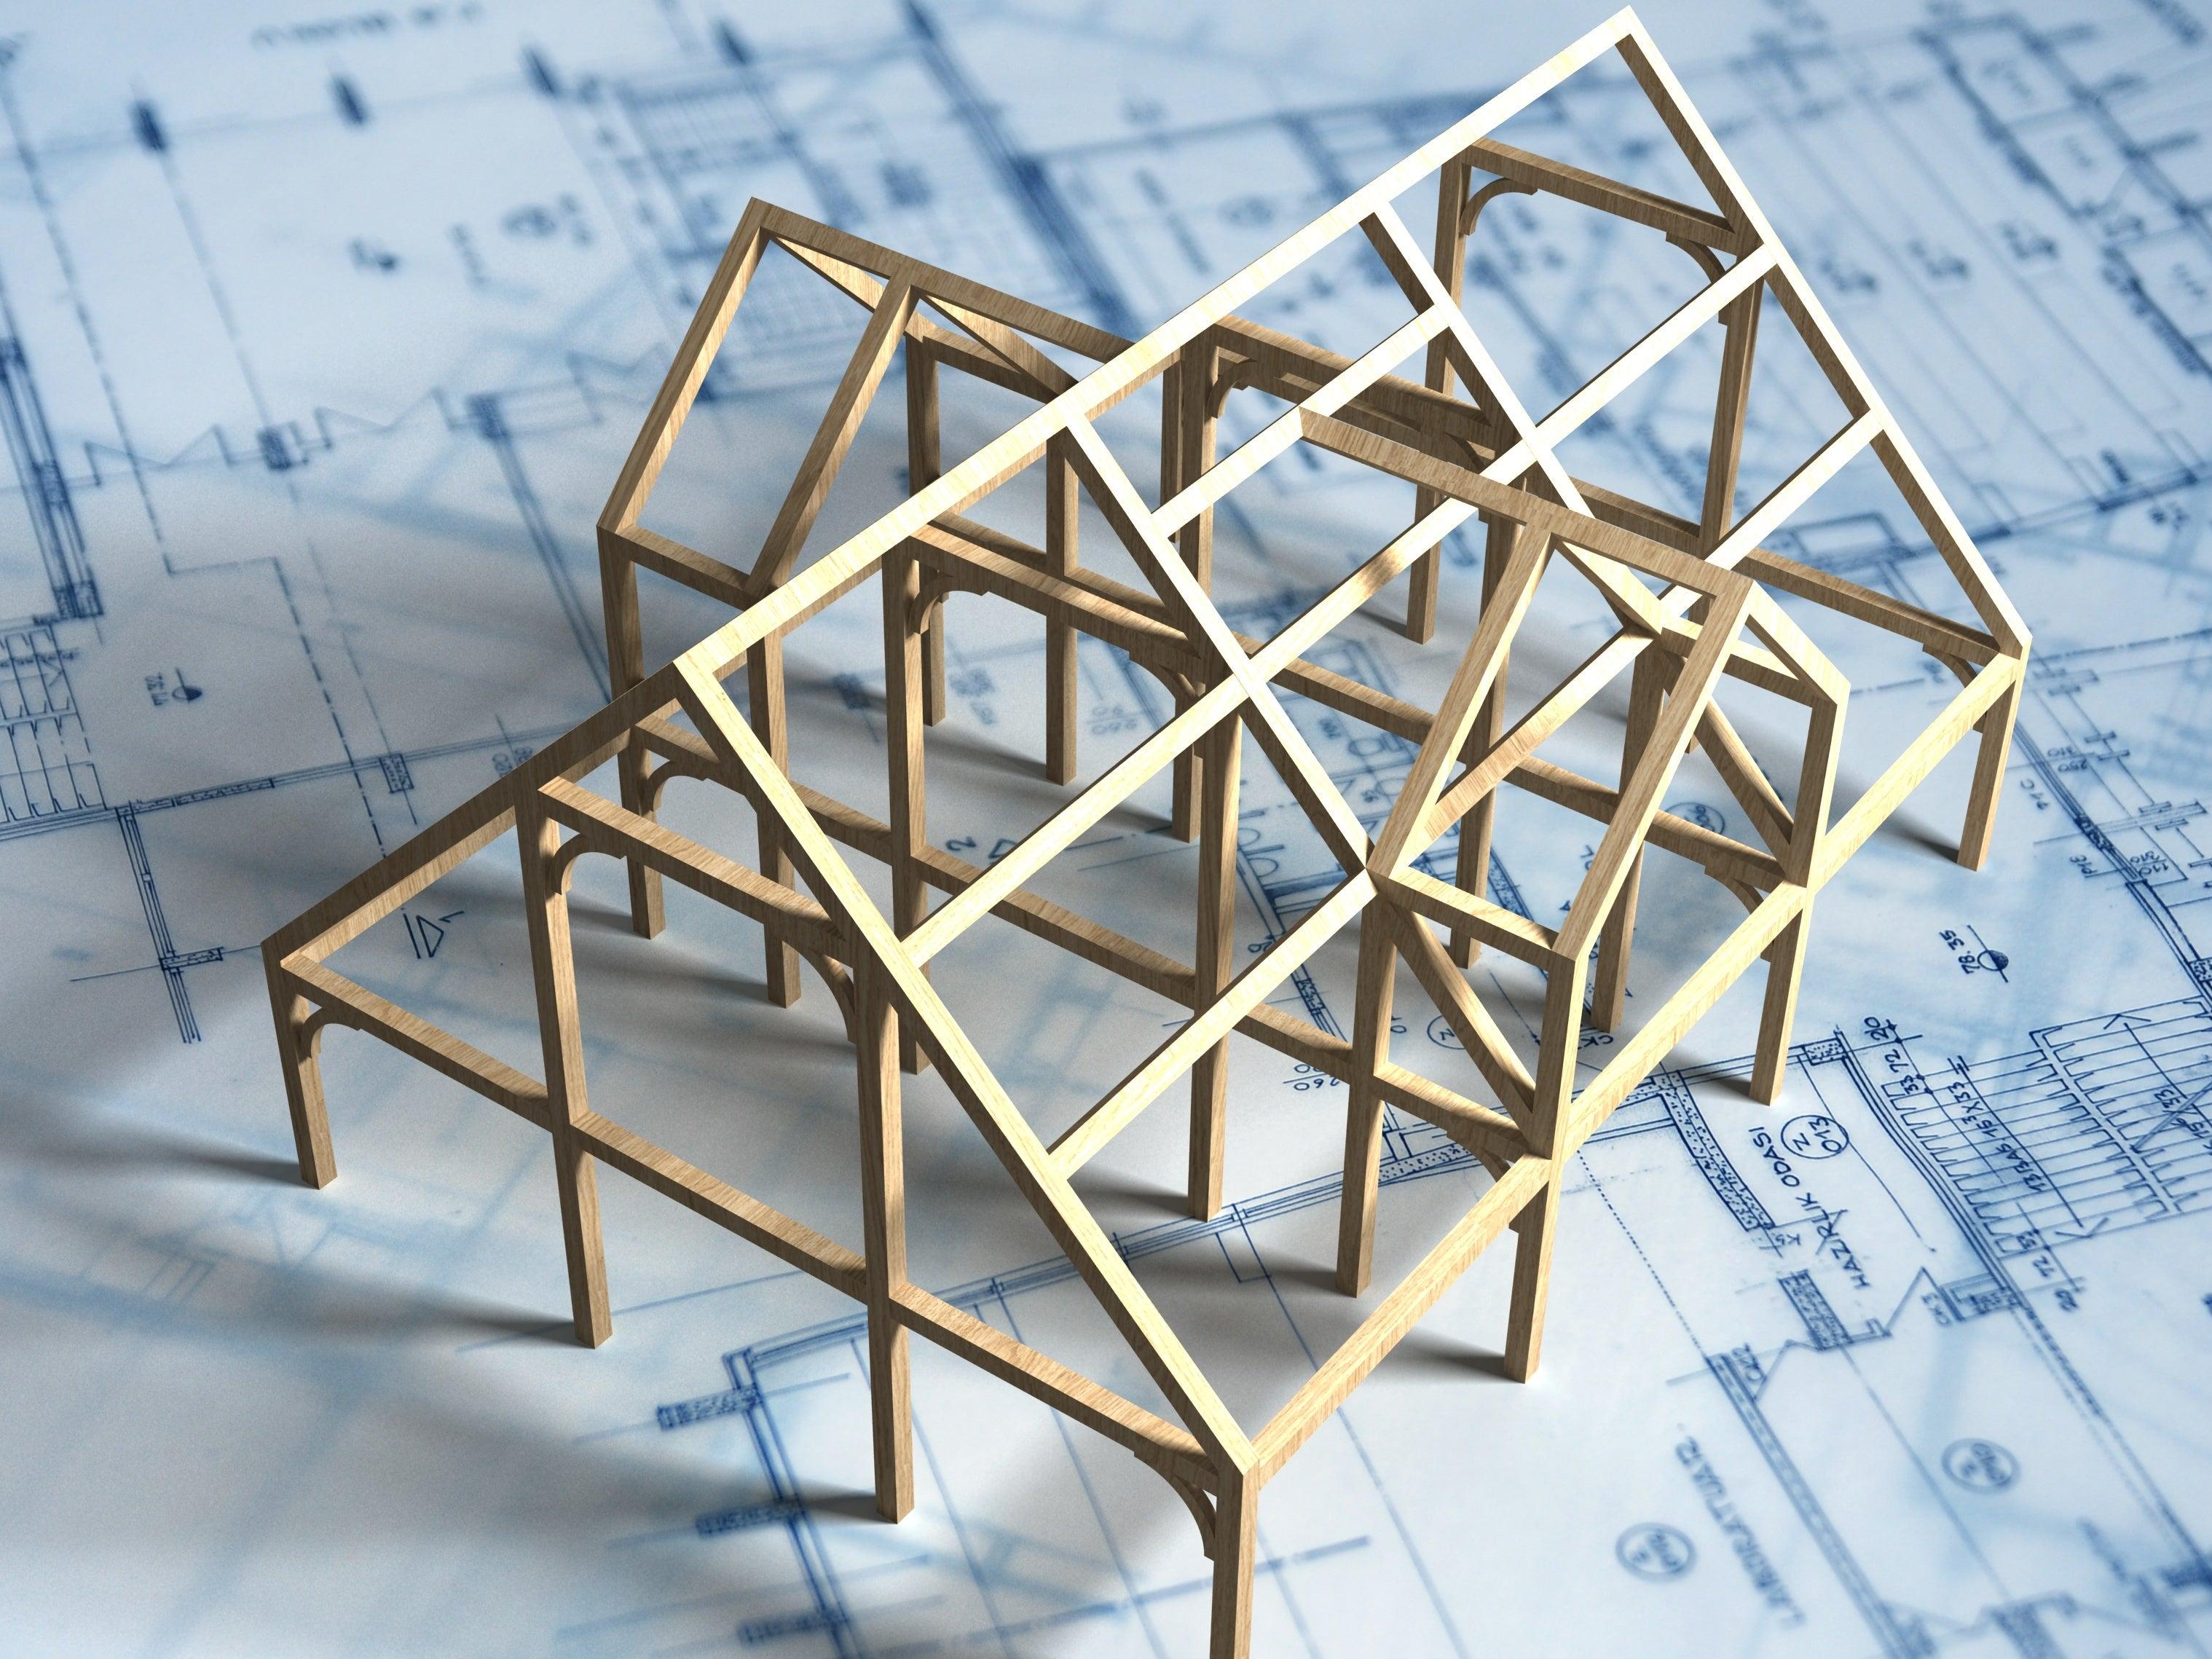 Thiết kế xây dựng tại Gia Lai uy tín